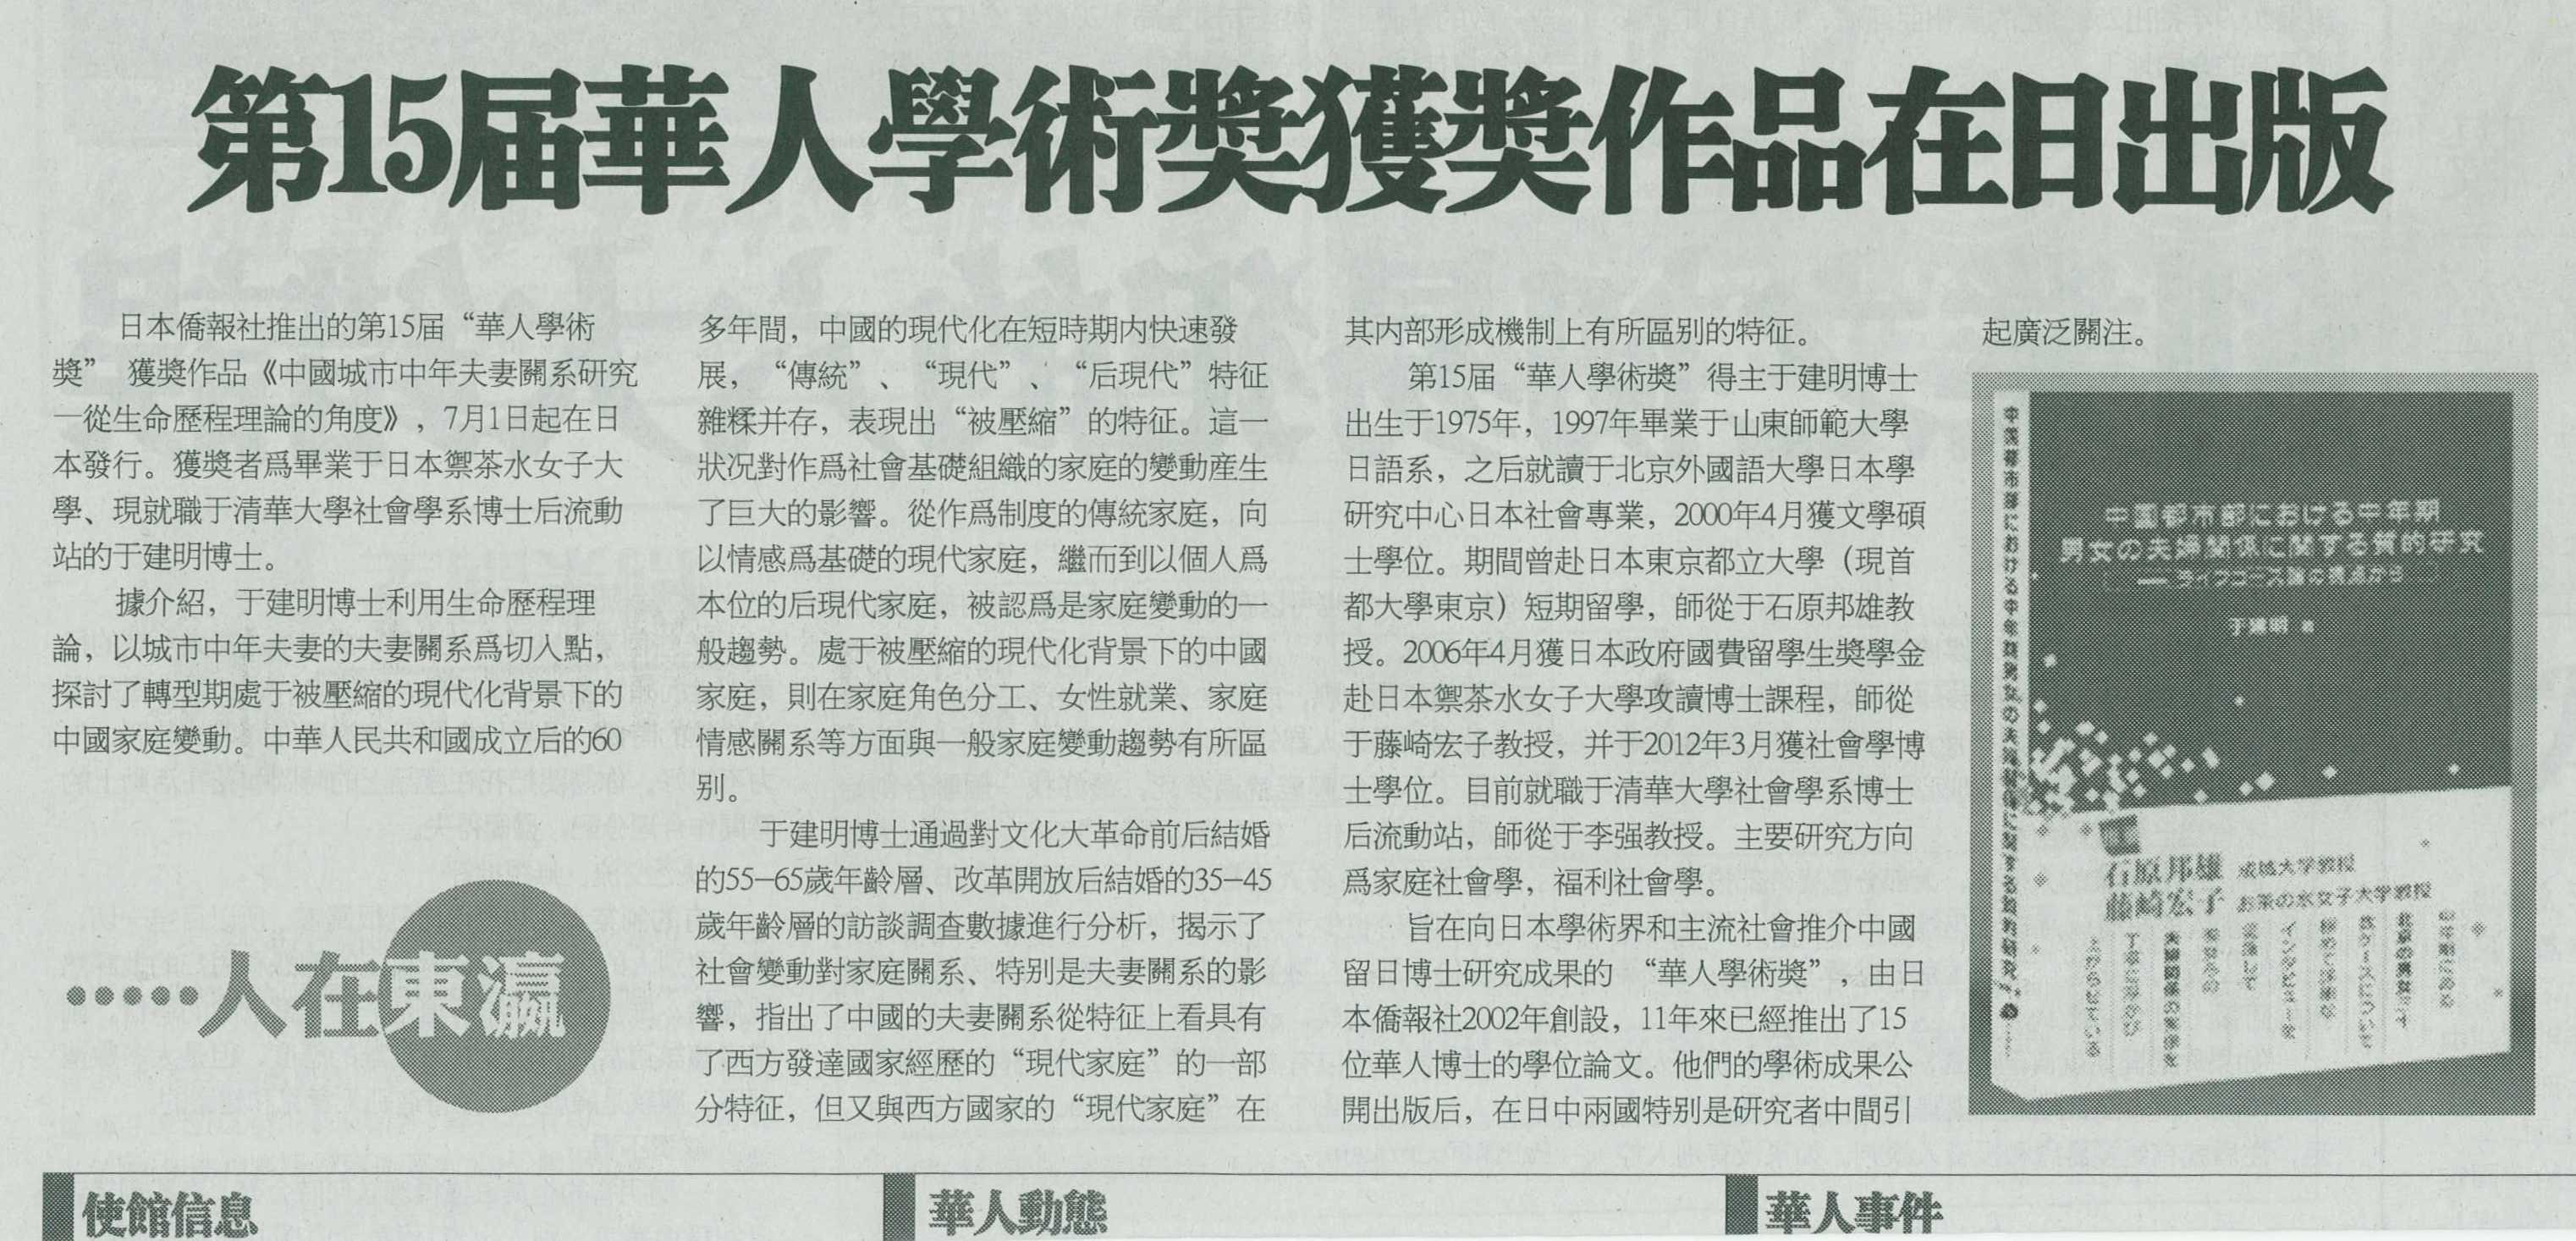 第15回華人学術賞受賞作品刊行 中国語新聞陽光導報が大きく報道_d0027795_946175.jpg